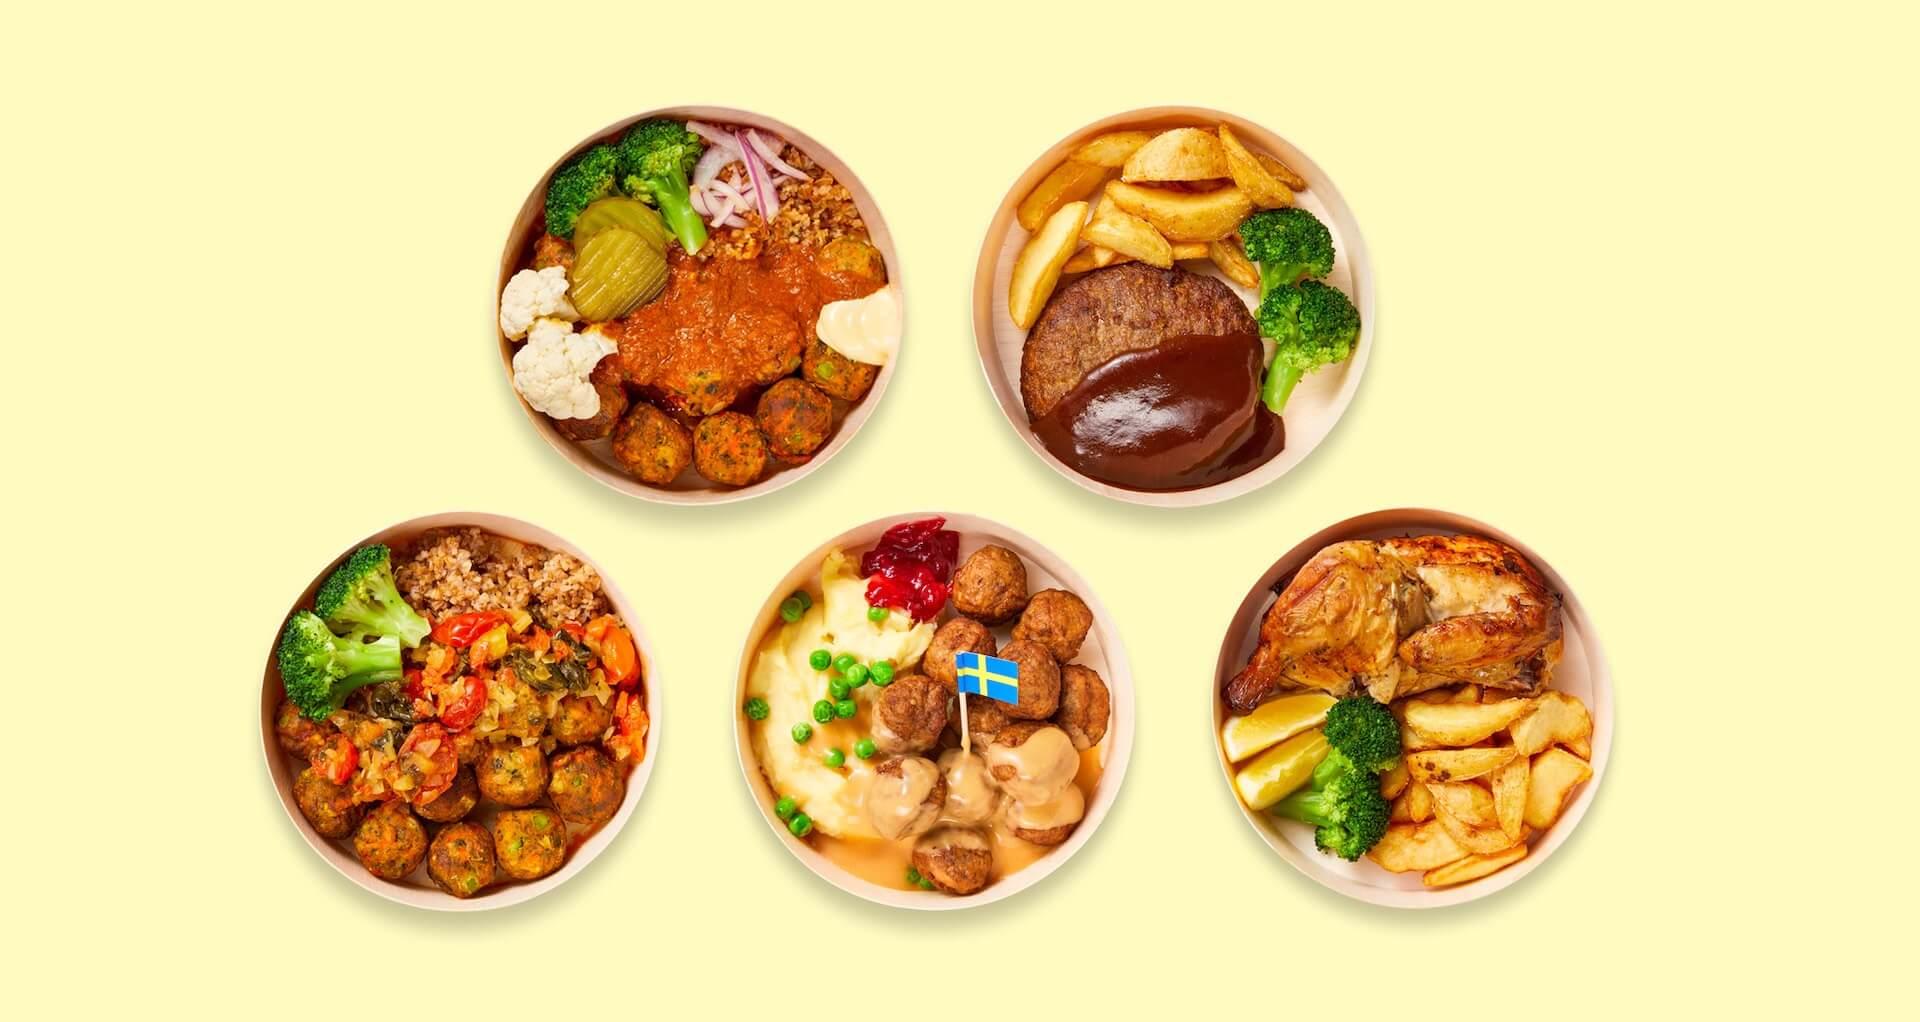 ミートボールBOXなど人気メニューが自宅でも!イケアレストランの一部メニューがテイクアウト可能に gourmet200423_ikea_restaurant_01